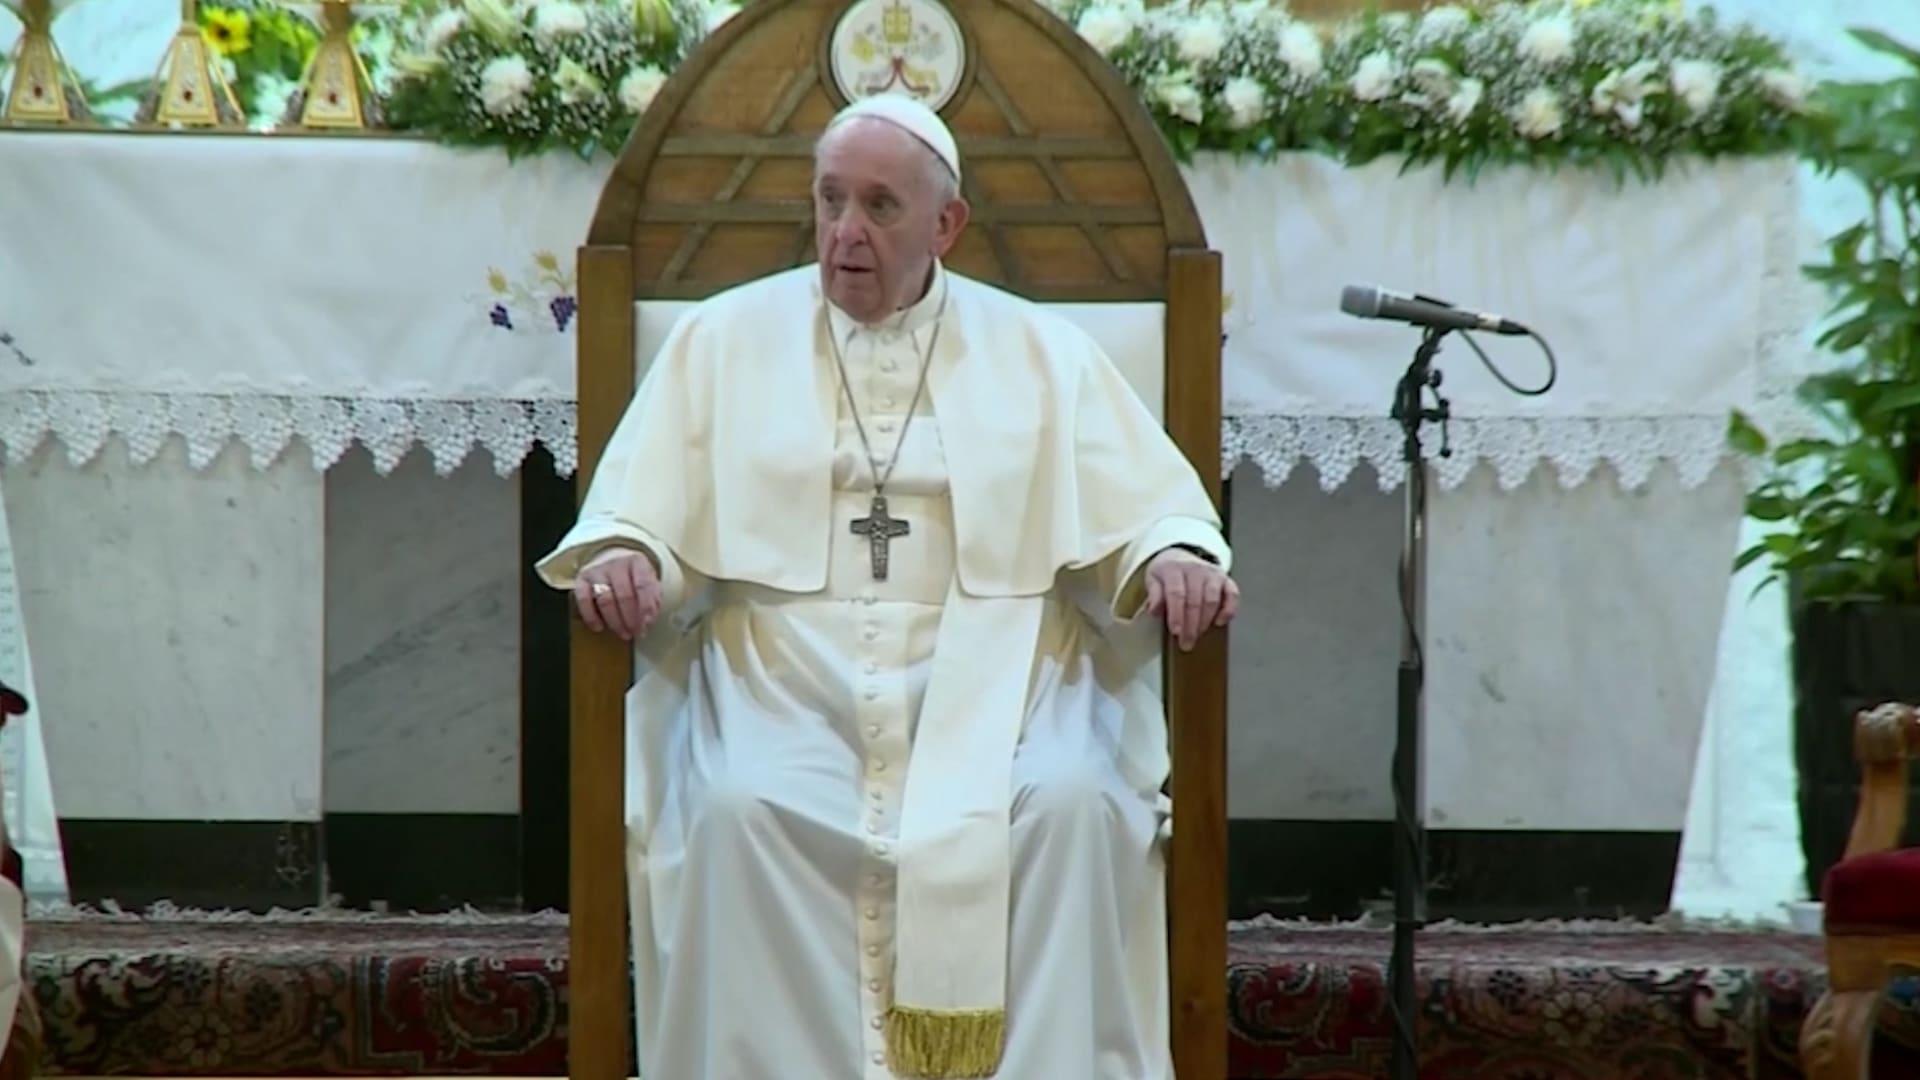 بابا الفاتيكان يلتقي السيستاني ويستعد للصلاة في كنيسة دمرها داعش بالموصل